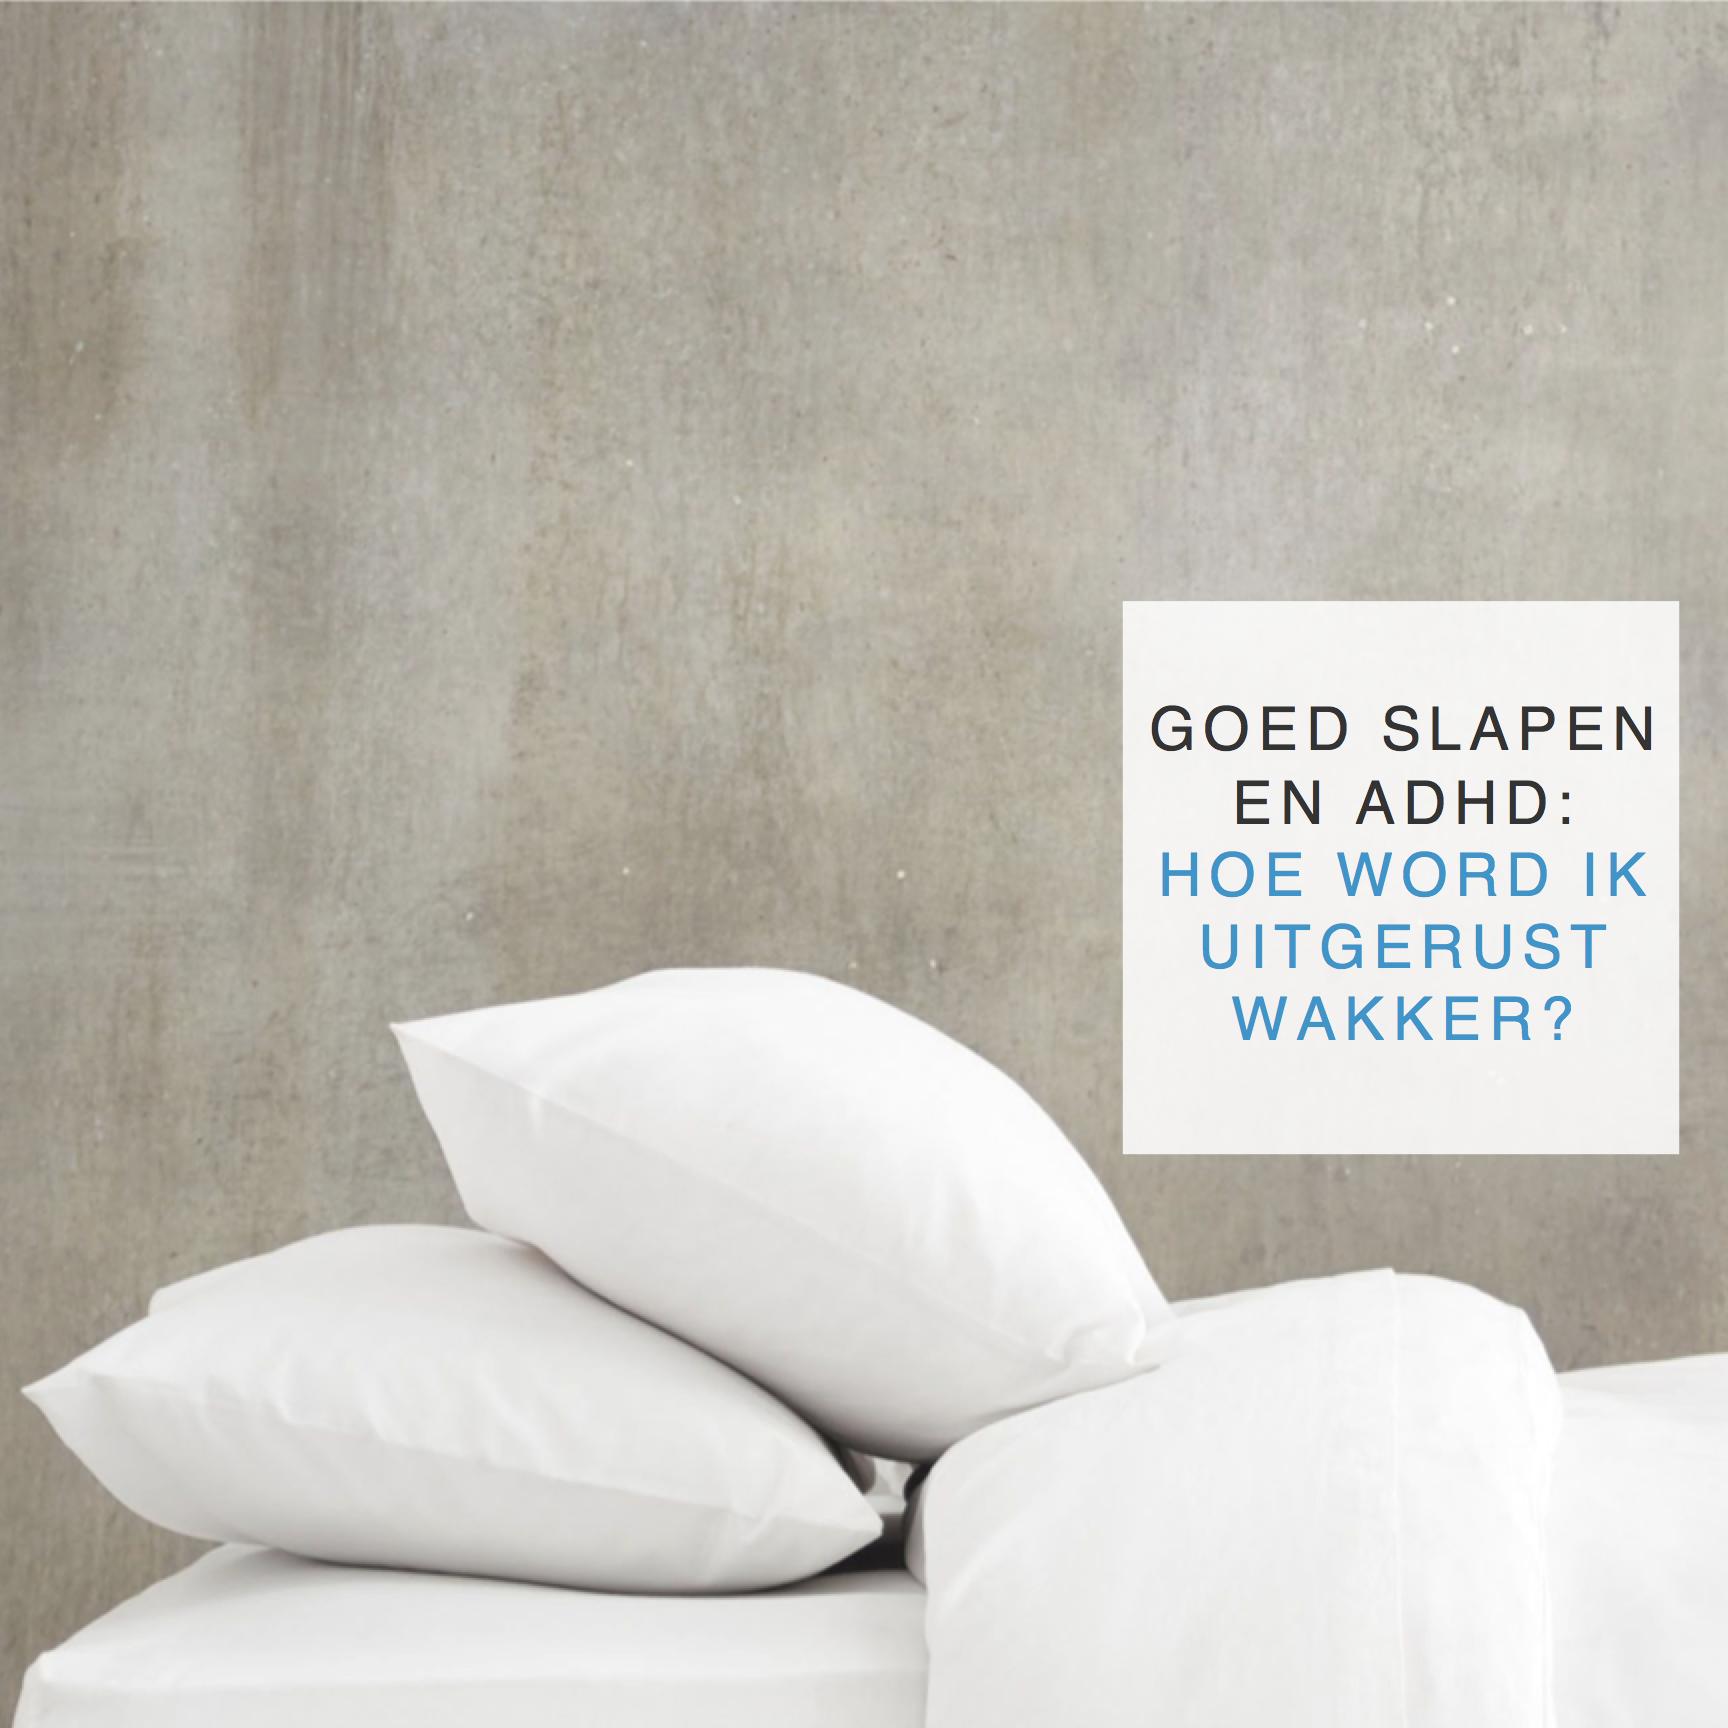 goed slapen en ADHD hoe word ik uitgerust wakker - CreatigeHealth.nl